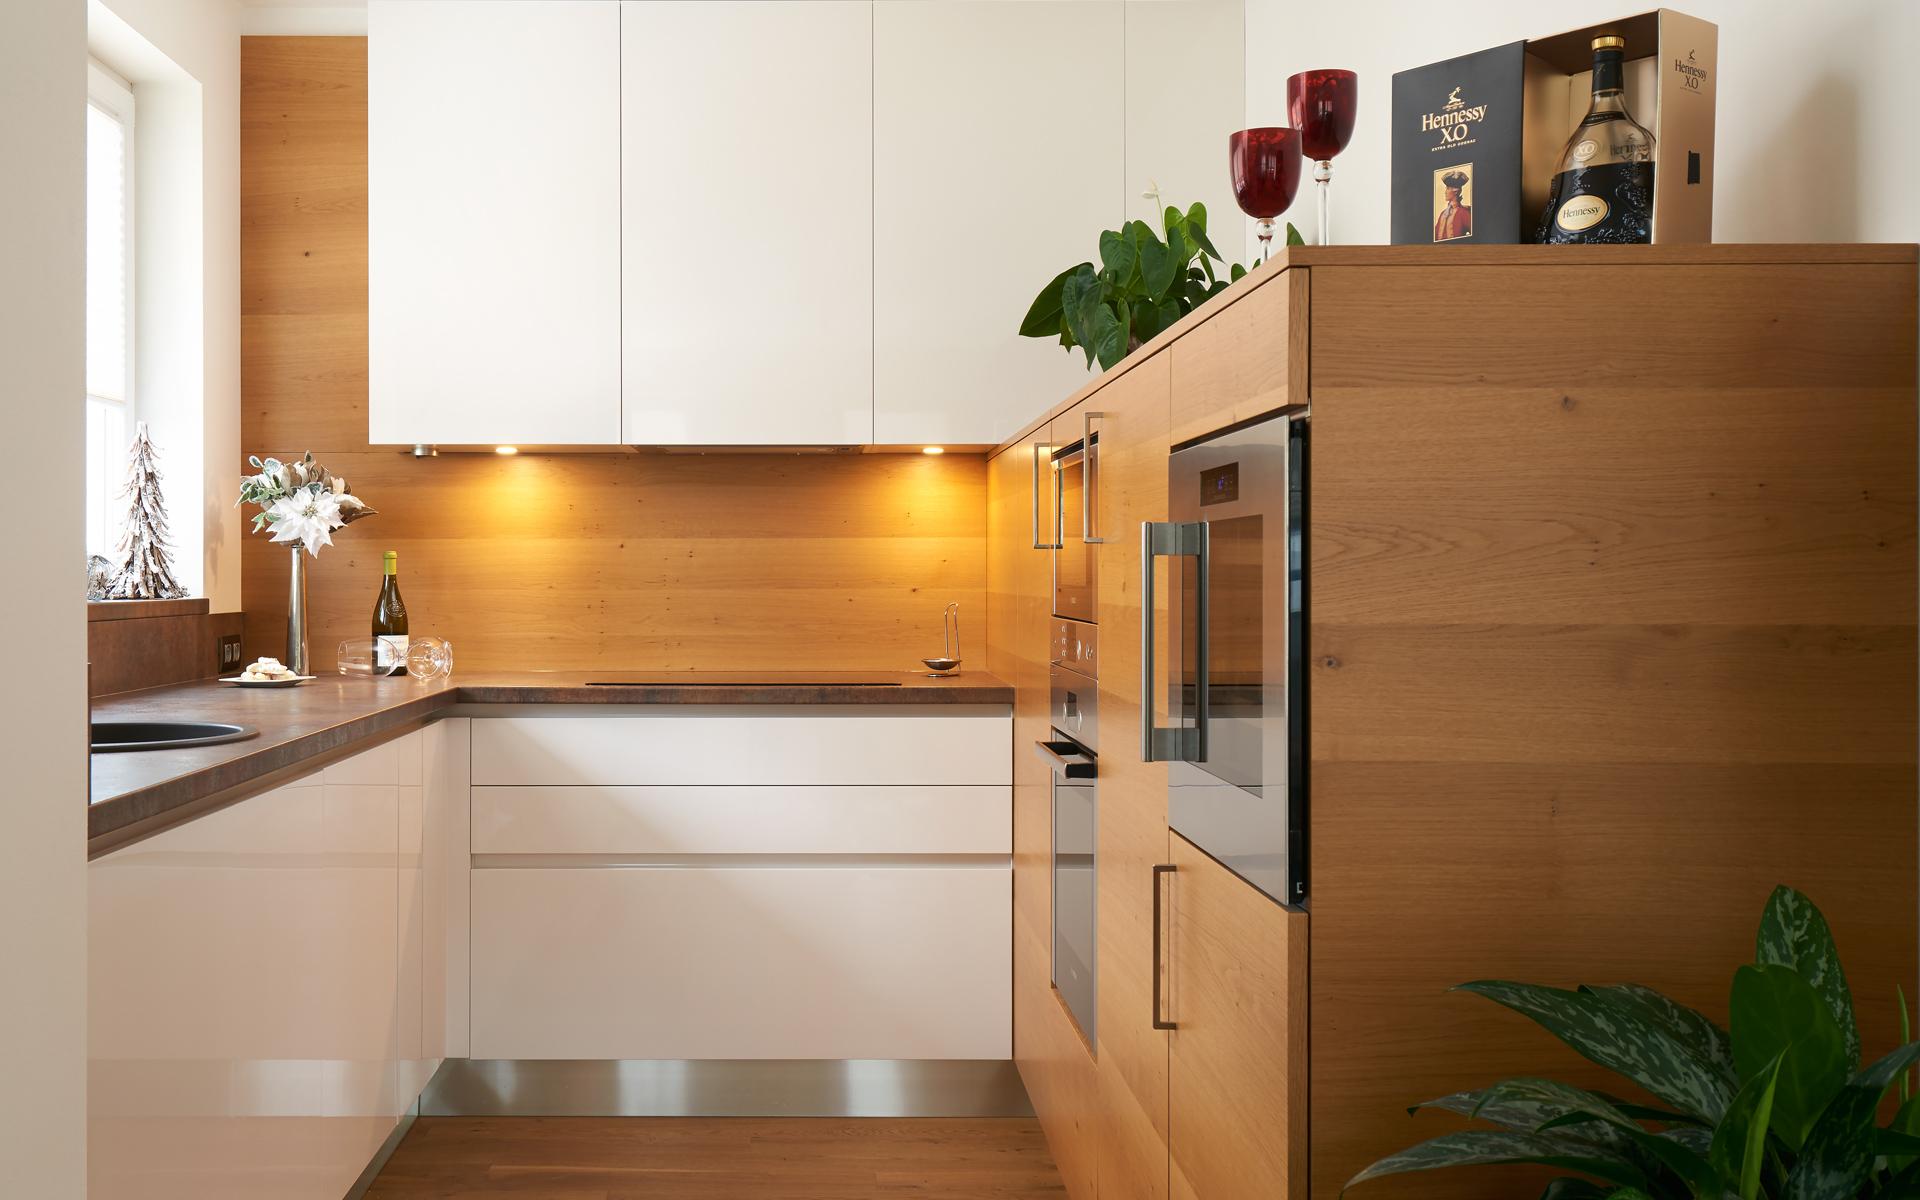 7 Triků Jak Z Malé Kuchyně Udělat Větší Proženy